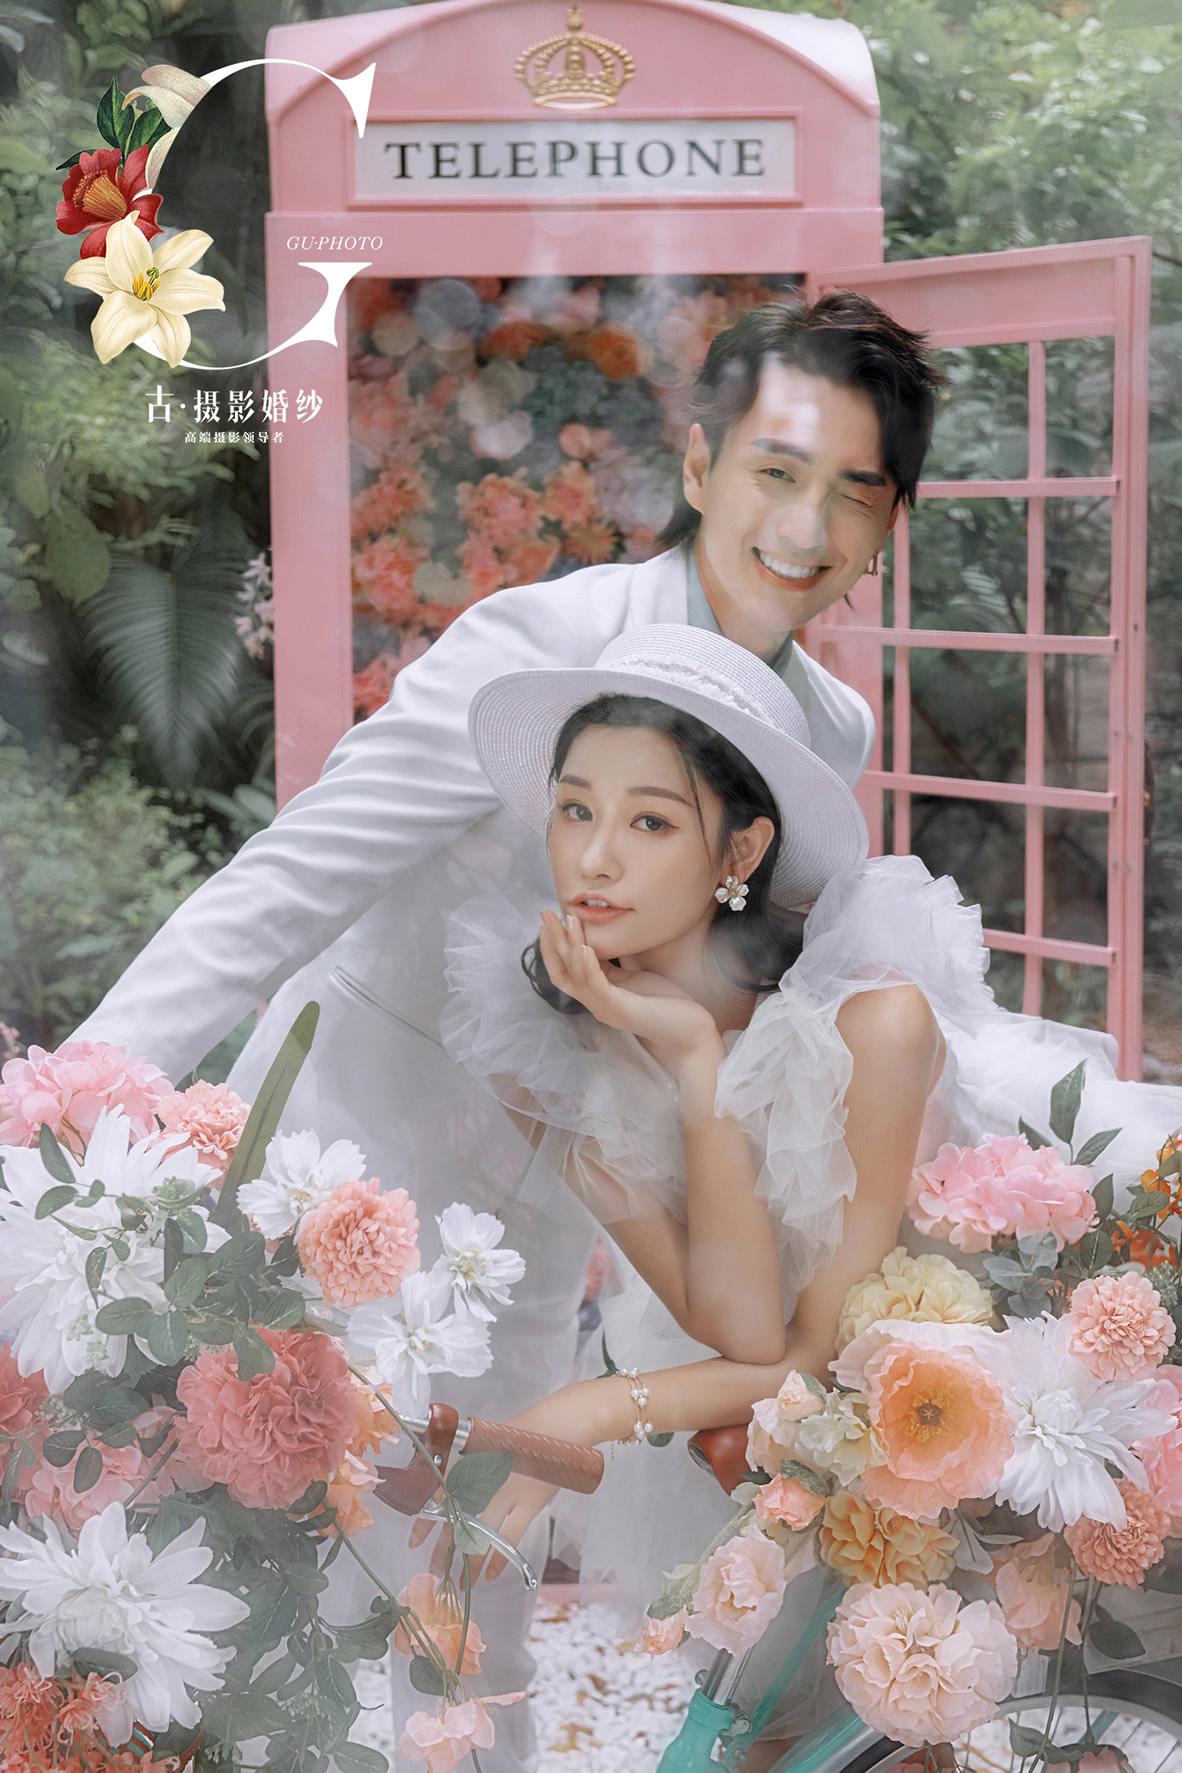 创意园《蜜糖假期》 - 拍摄地 - 广州婚纱摄影-广州古摄影官网